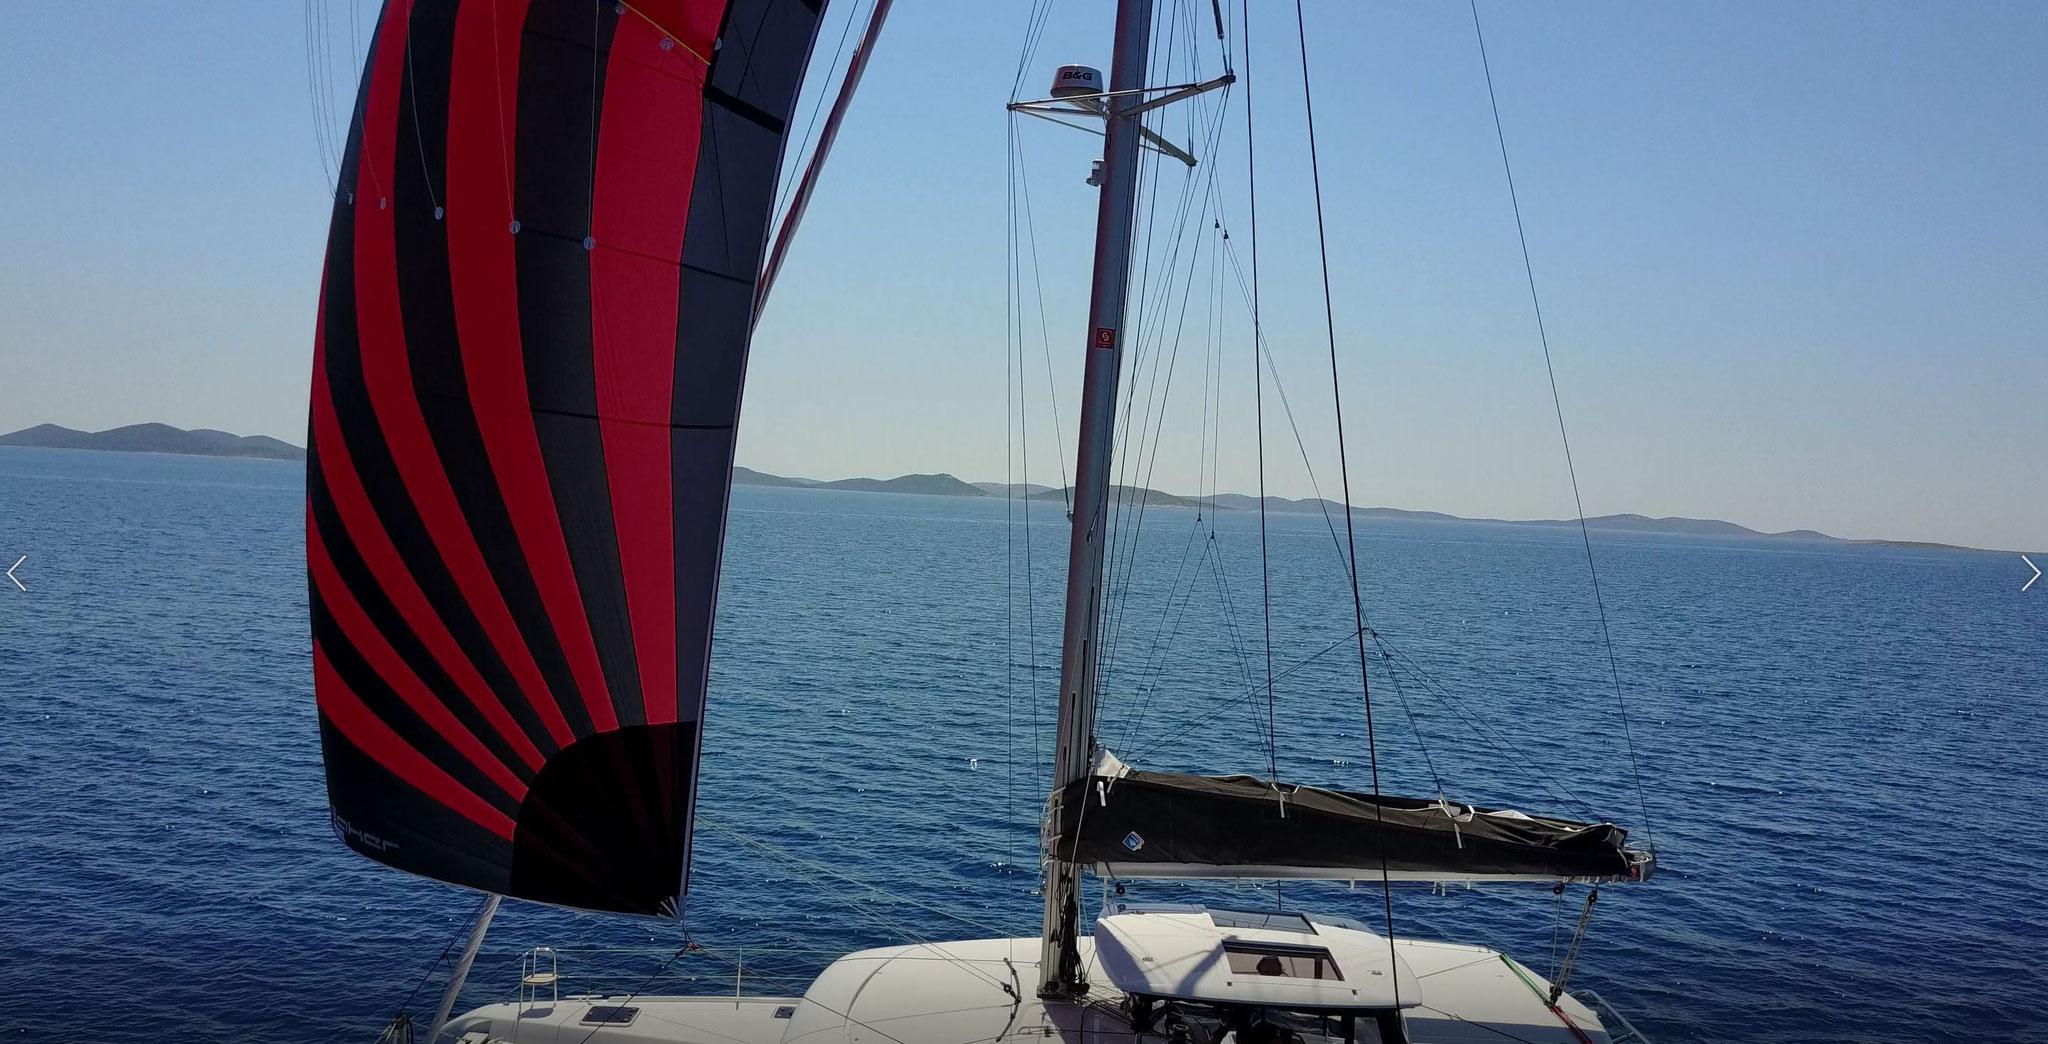 Karamaran fahren als Hochseesegeln von Kroatien bis Kanaren in Herbst      -      www.katamarantraum.com